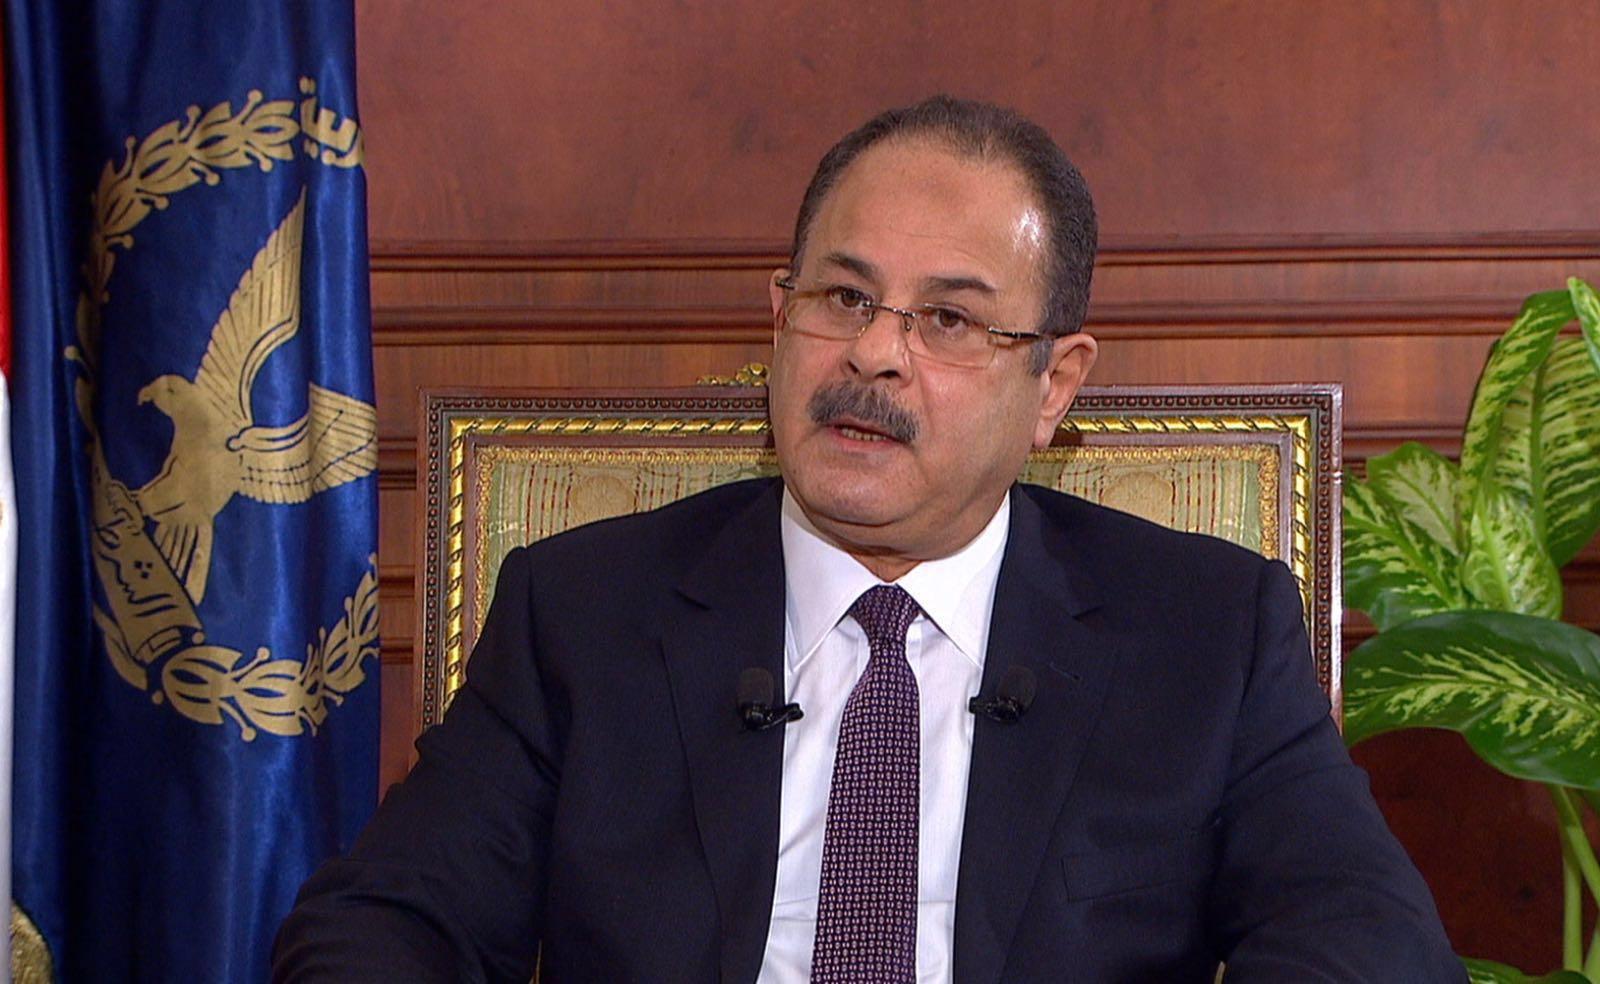 وزير الداخلية يكرم 833 شرطيًا تقديرا لجهودهم في تحقيق رسالة الأمن